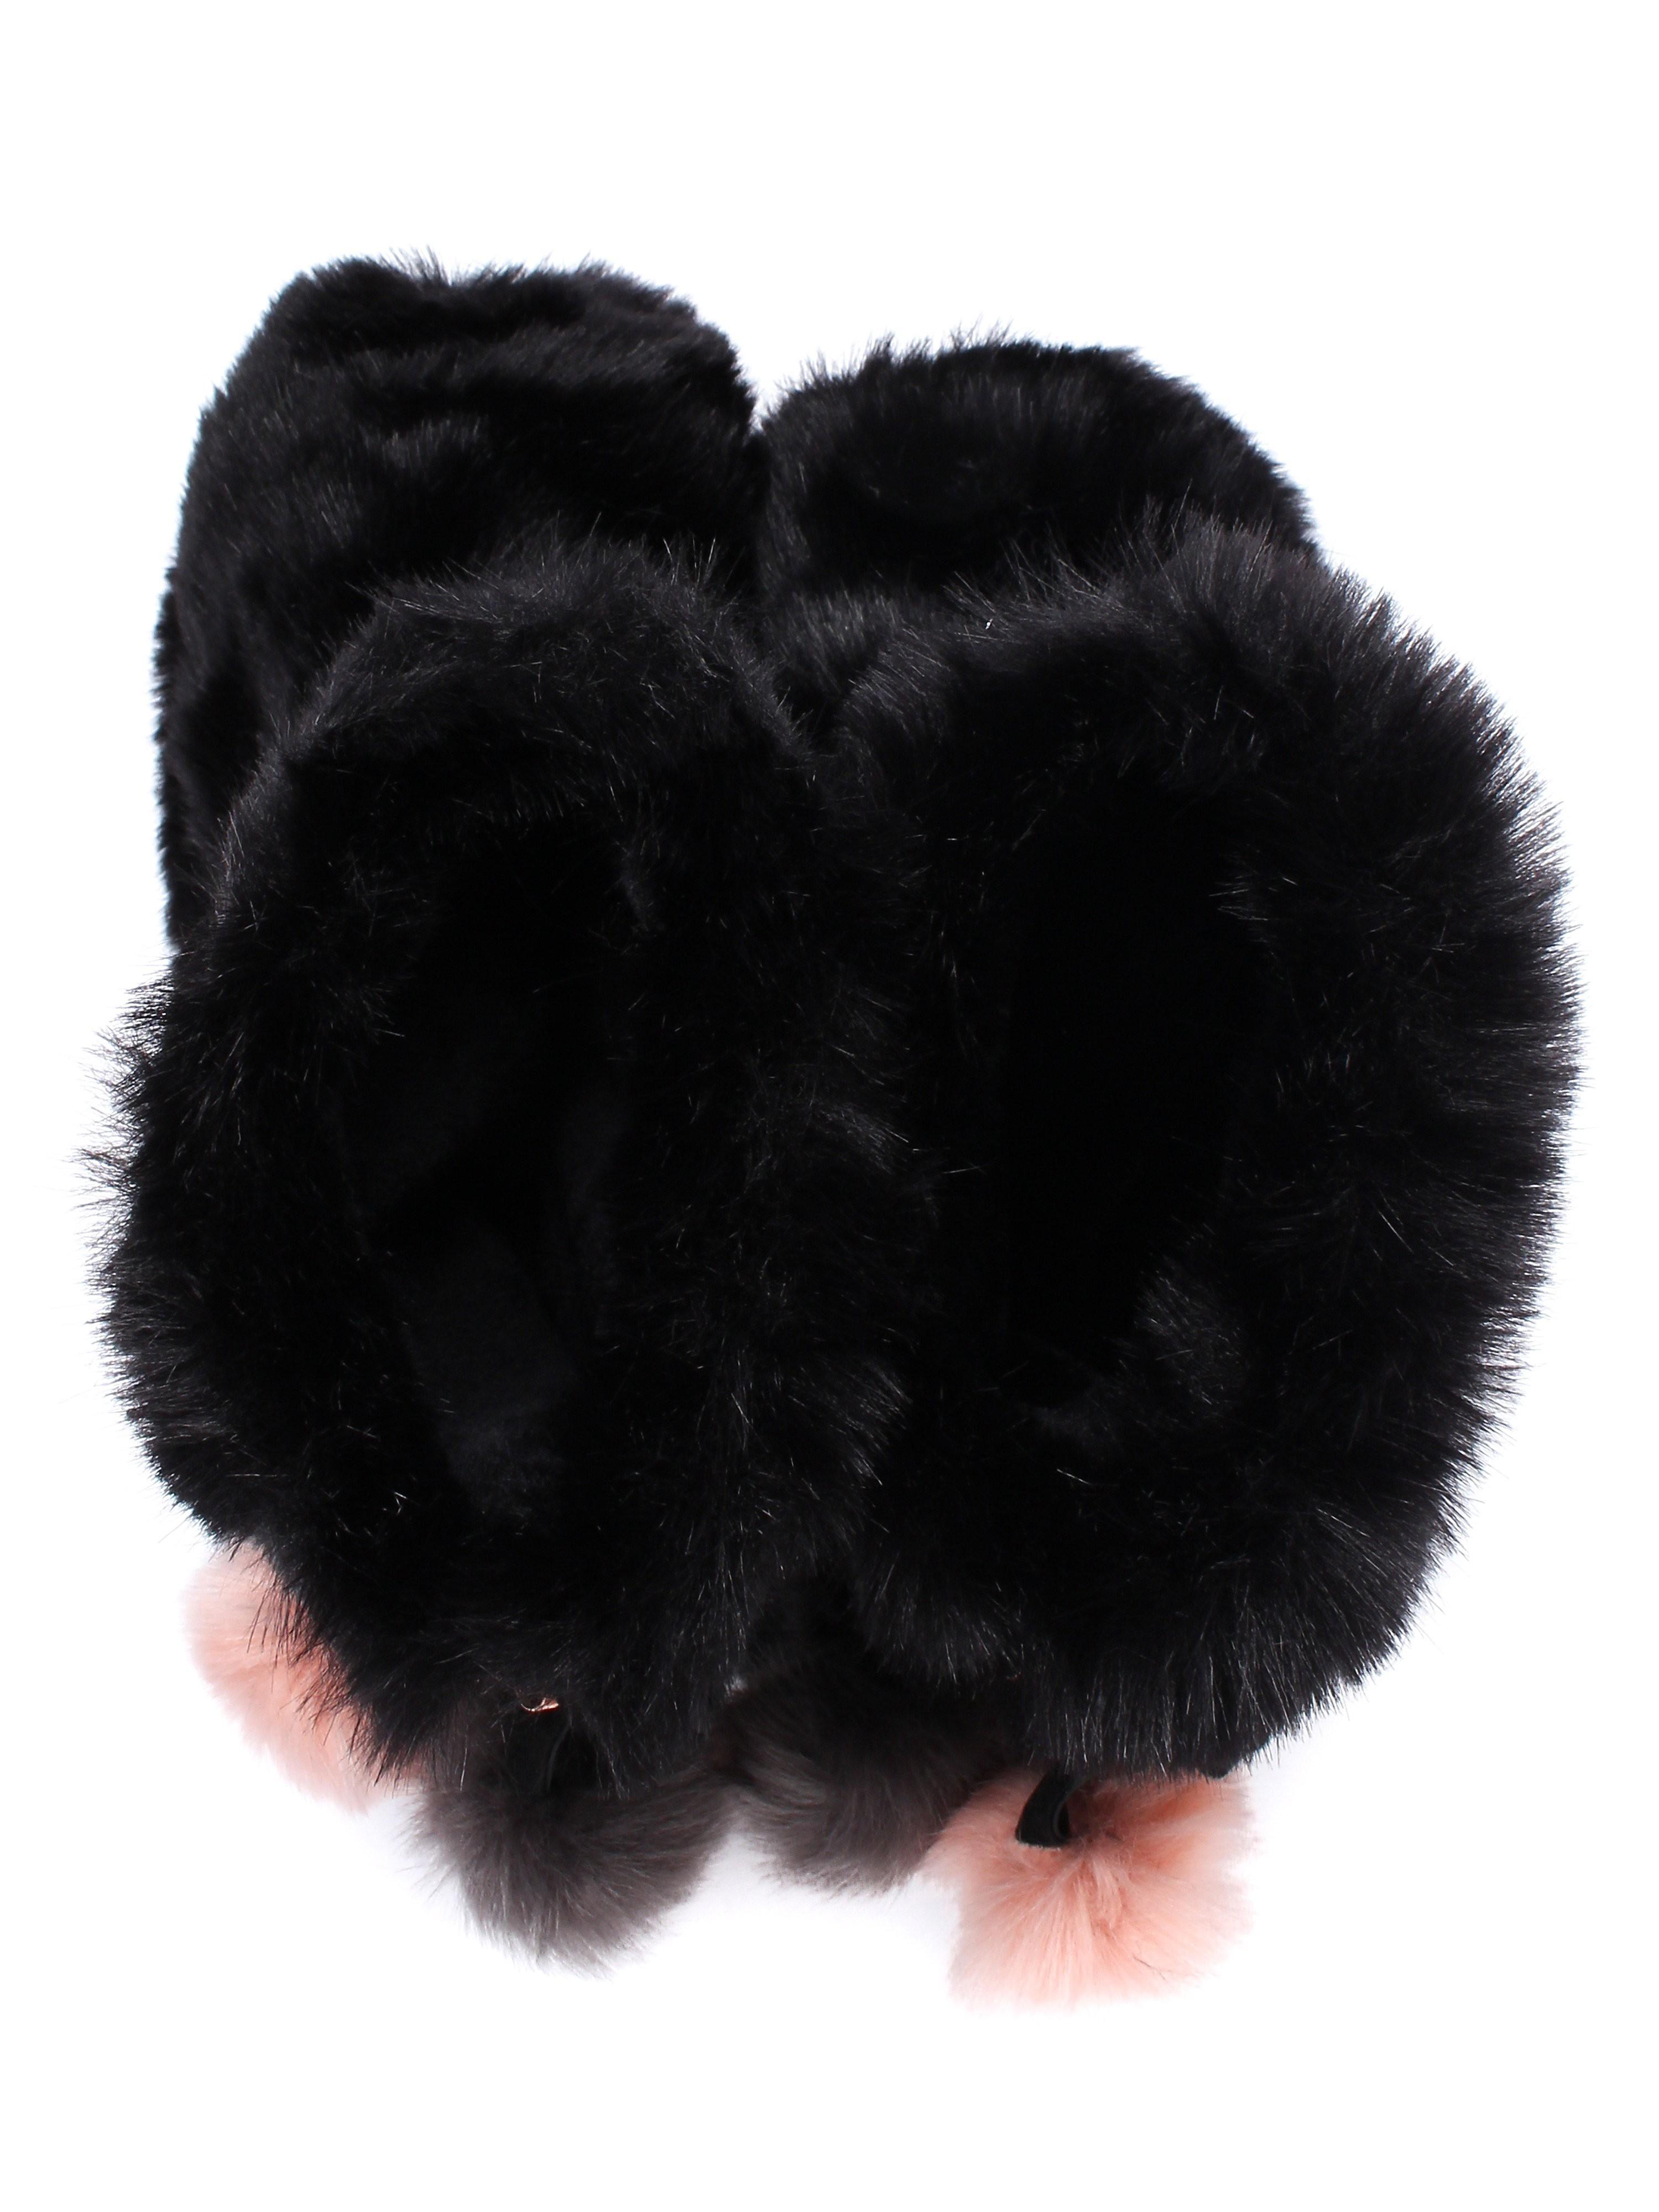 Ted Baker Women's Hamond Slippers - Black